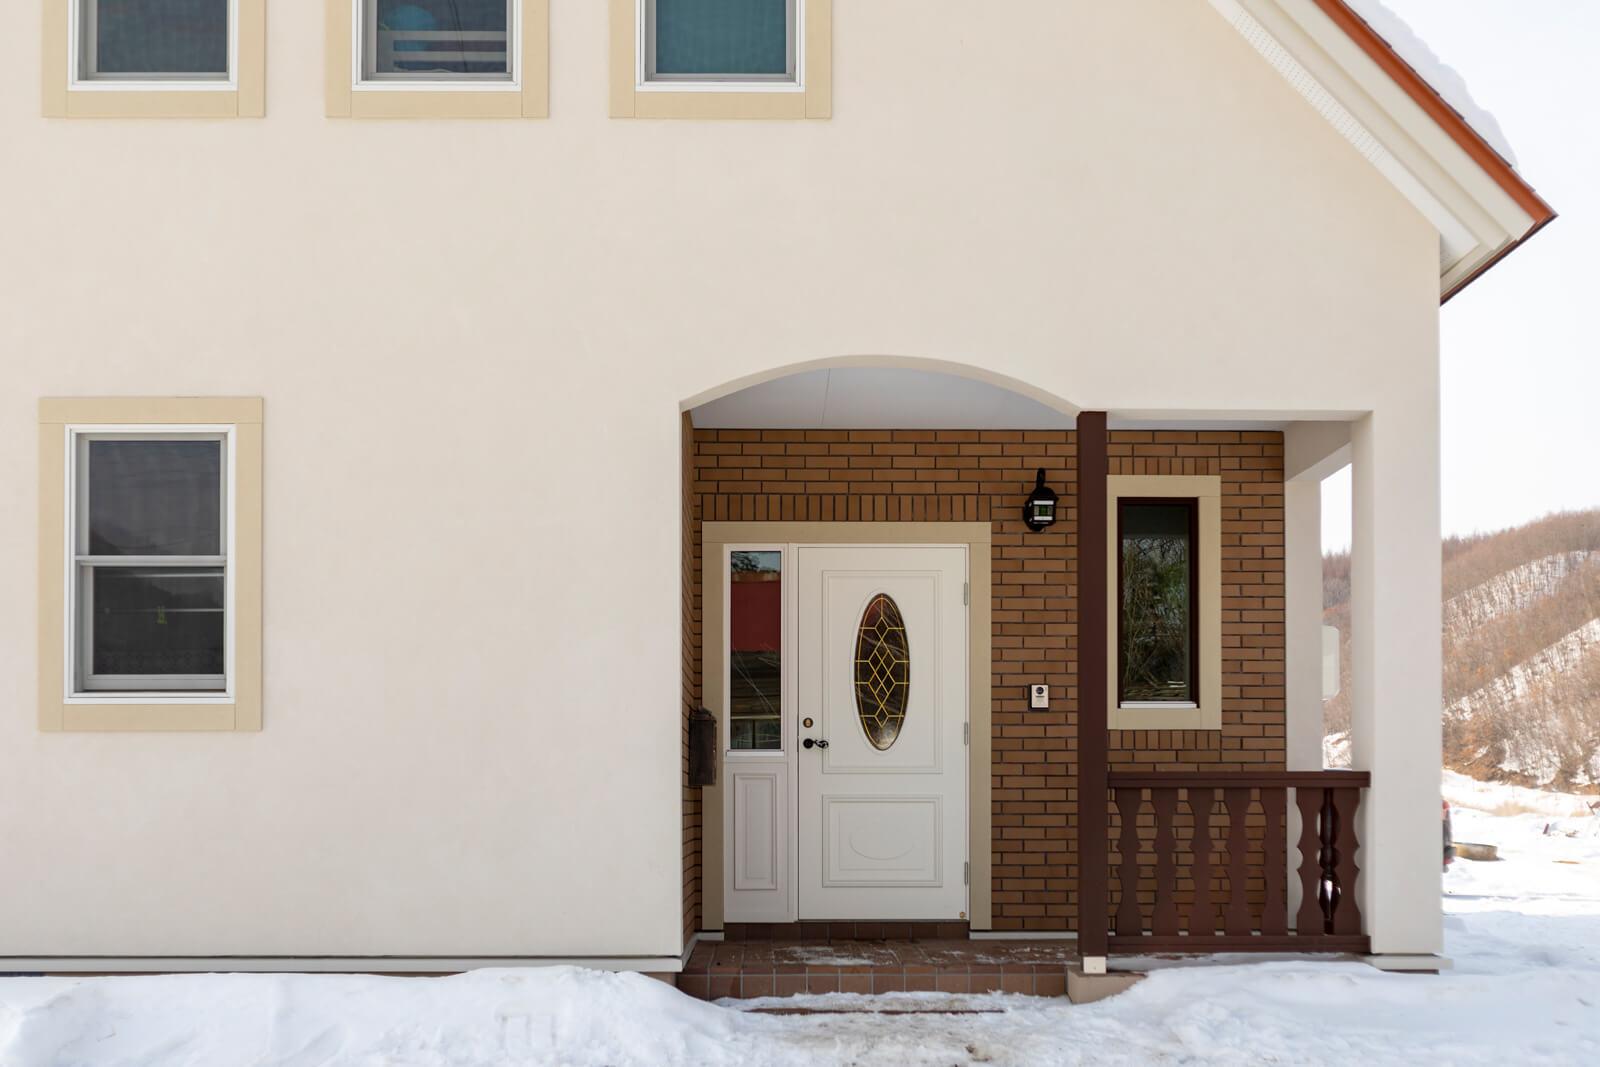 広々とした玄関アプローチ。タイル張りの壁に白い玄関ドアが映える